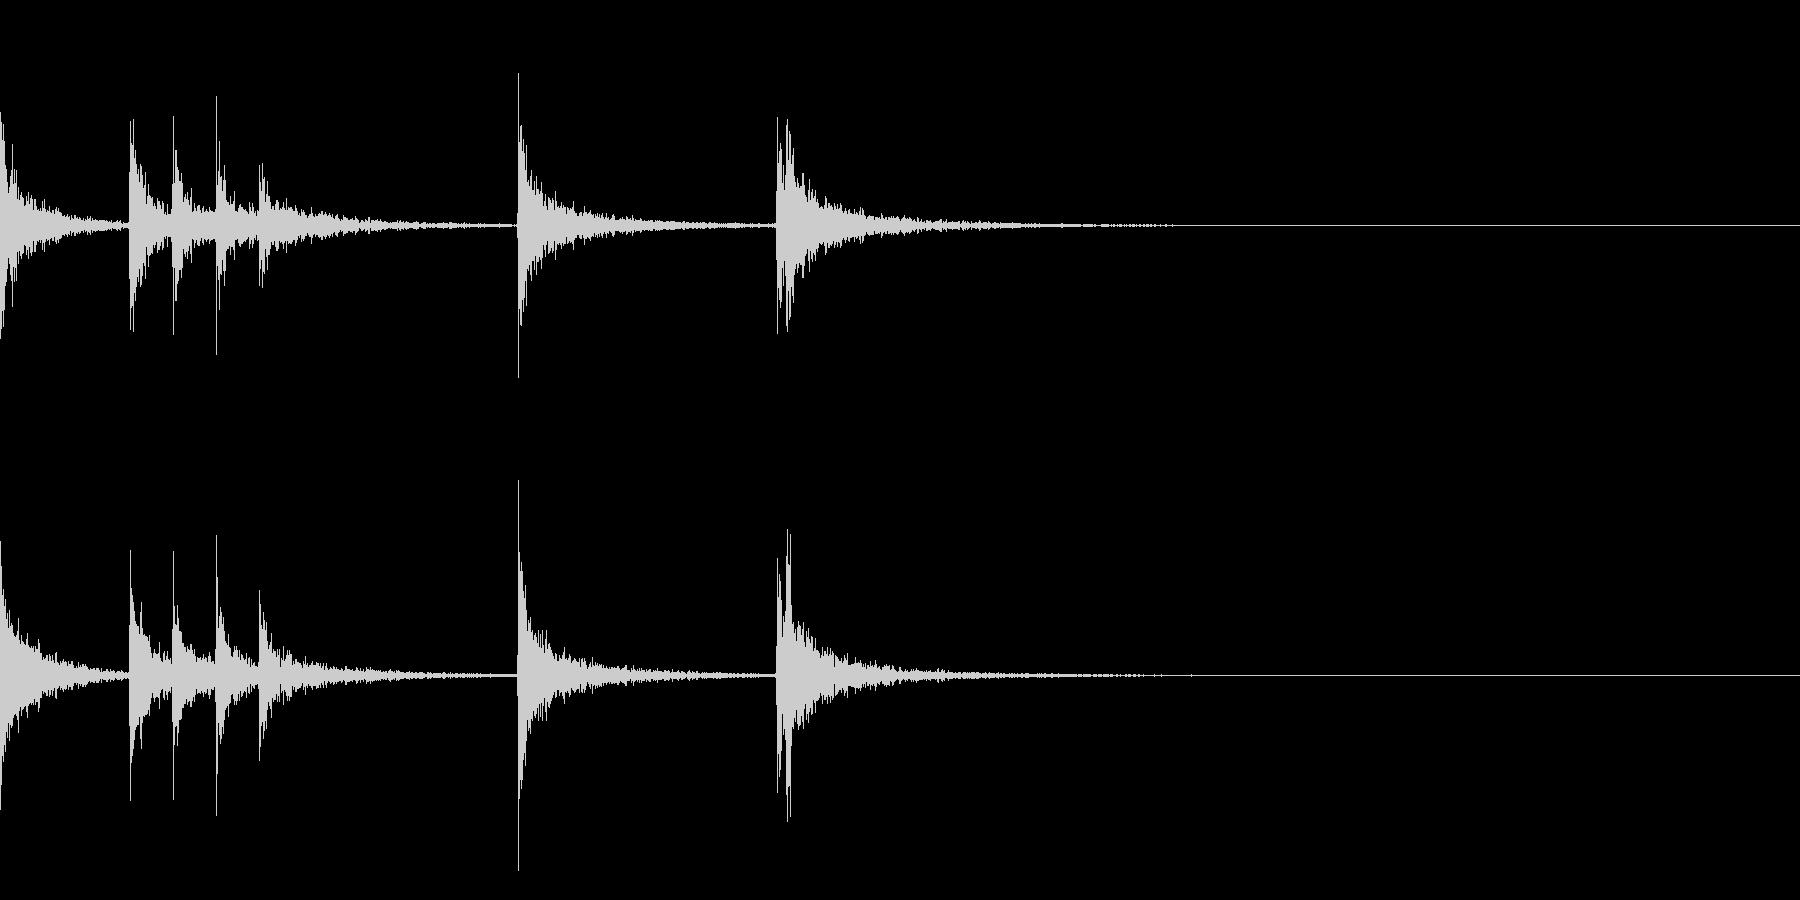 カスタネット!フレーズ4 エフェクト有の未再生の波形